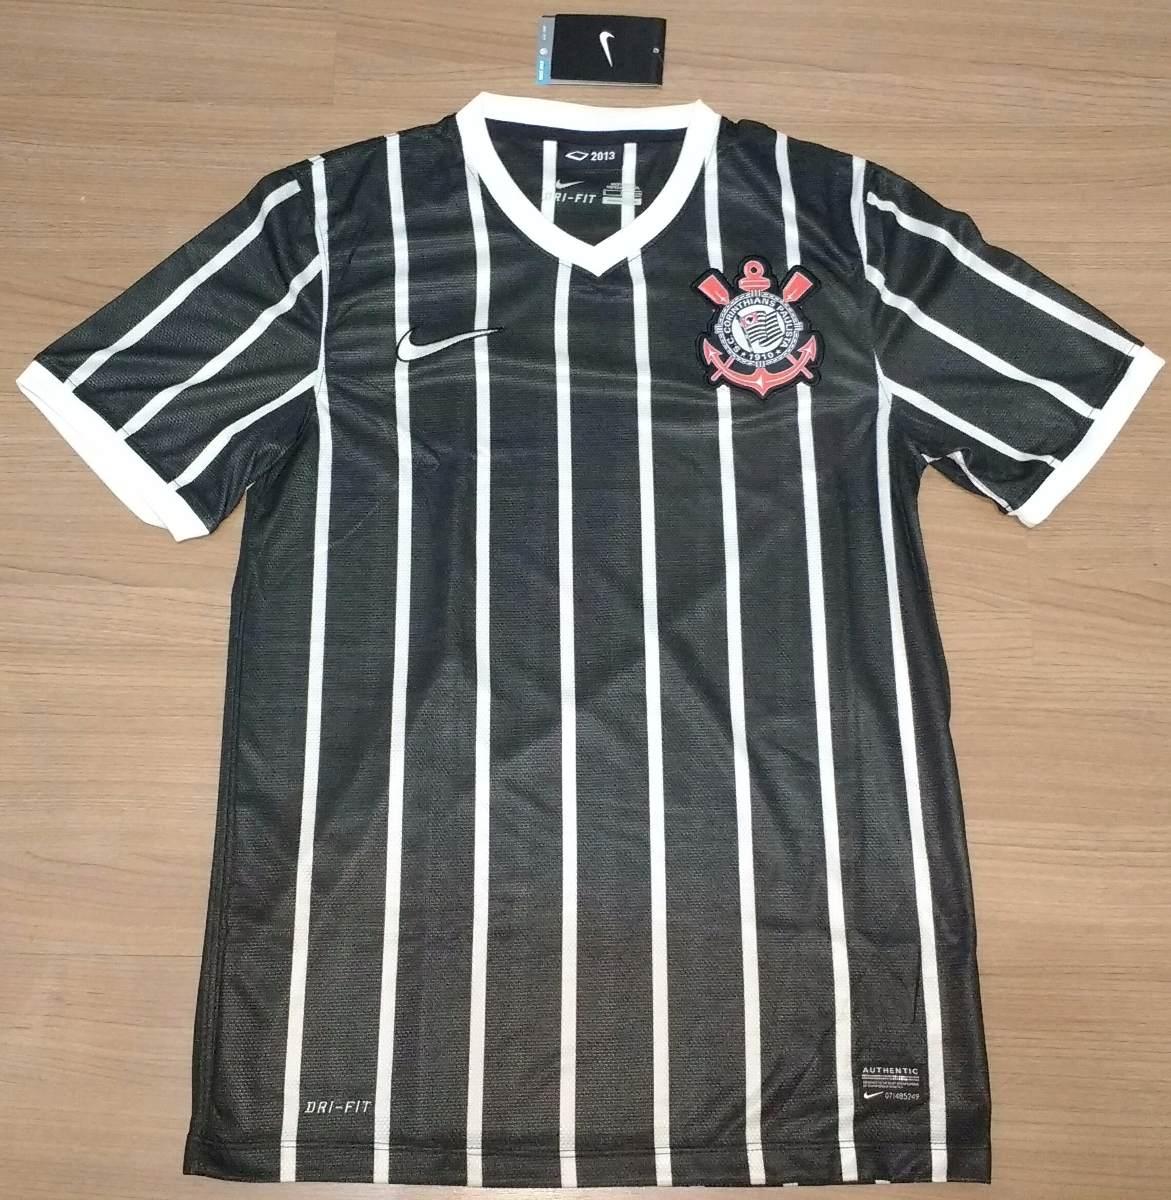 camisa corinthians nike campeão 2013 sem patrocínio - 74. Carregando zoom. 895674a376e0c